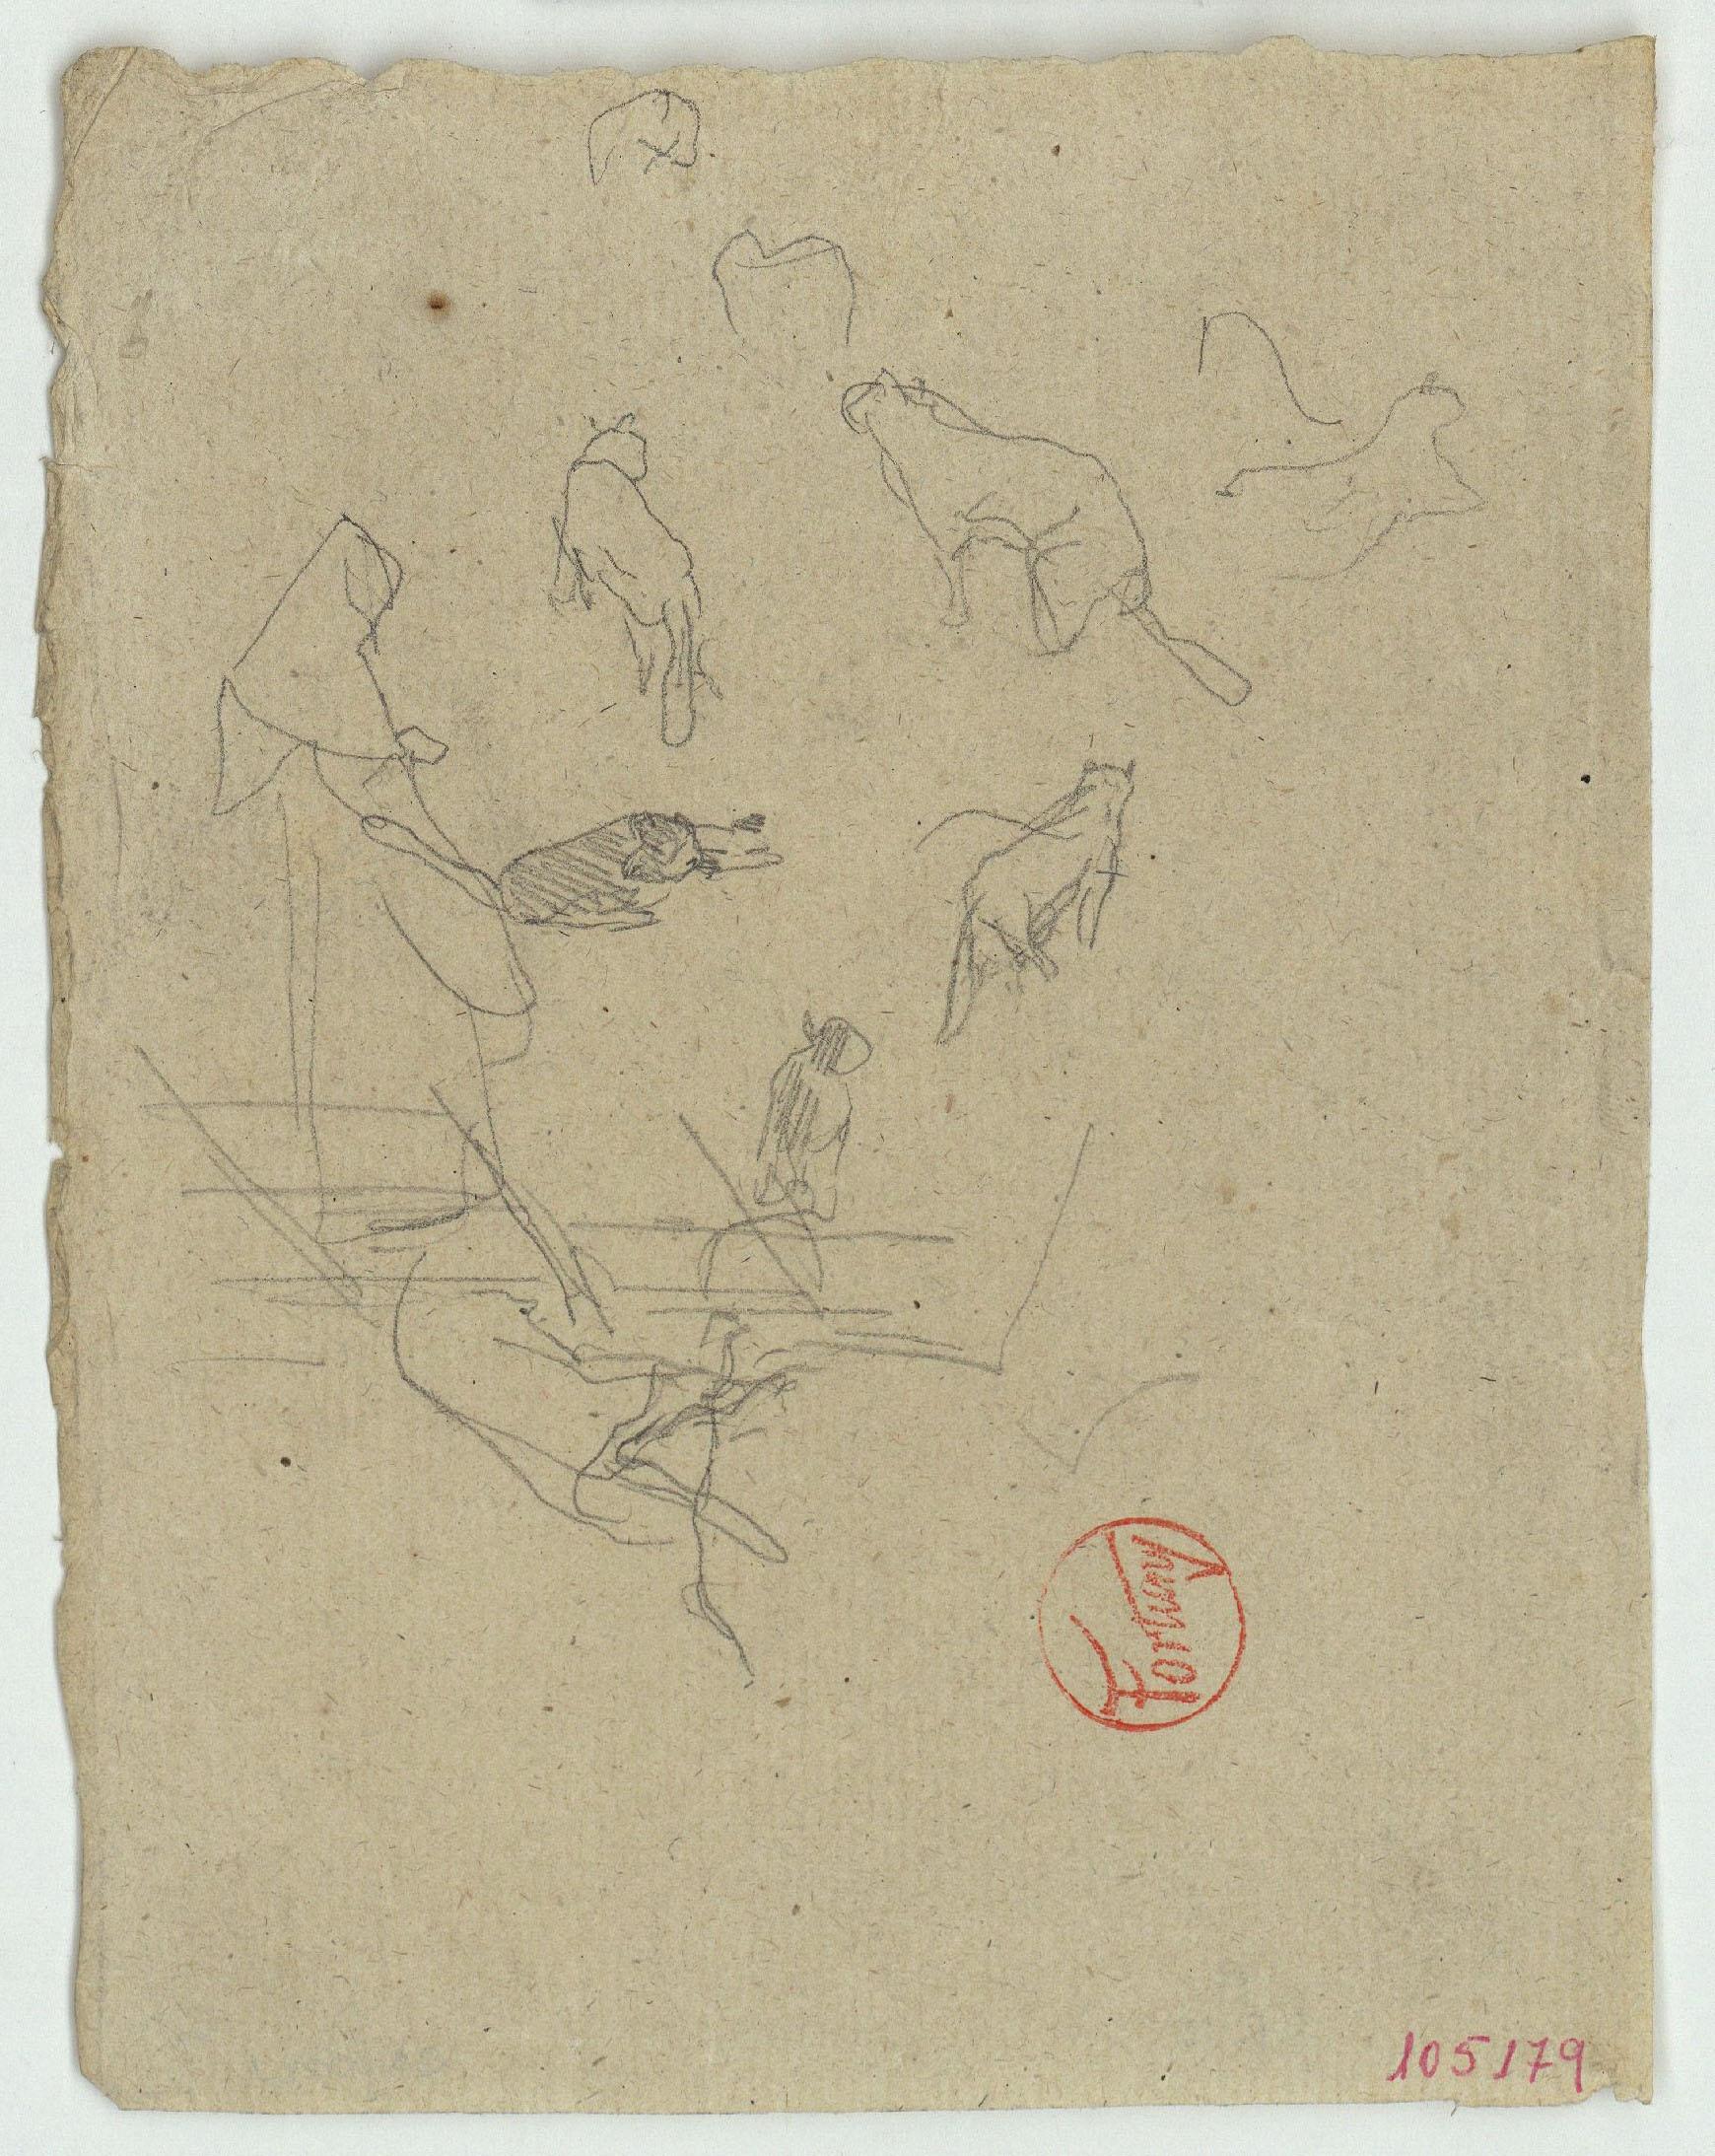 Marià Fortuny - Esbós de gats - Cap a 1867-1870